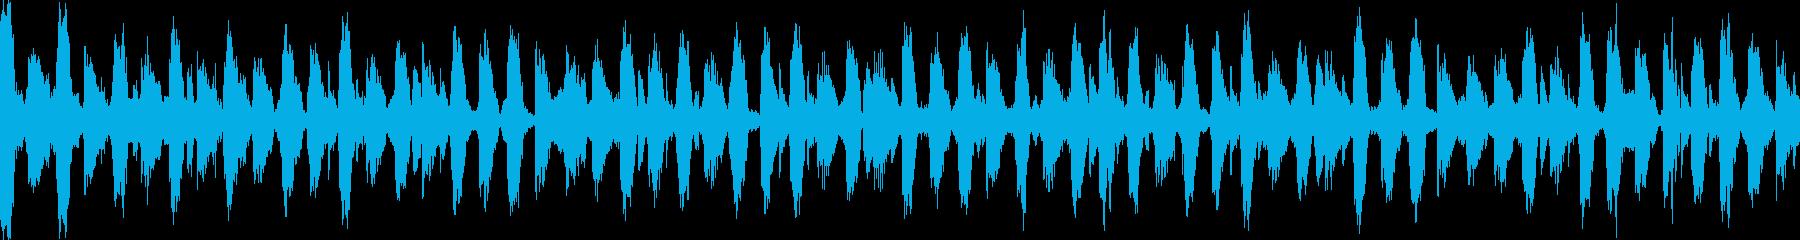 【ループB】レトロでコミカルなダンスの再生済みの波形